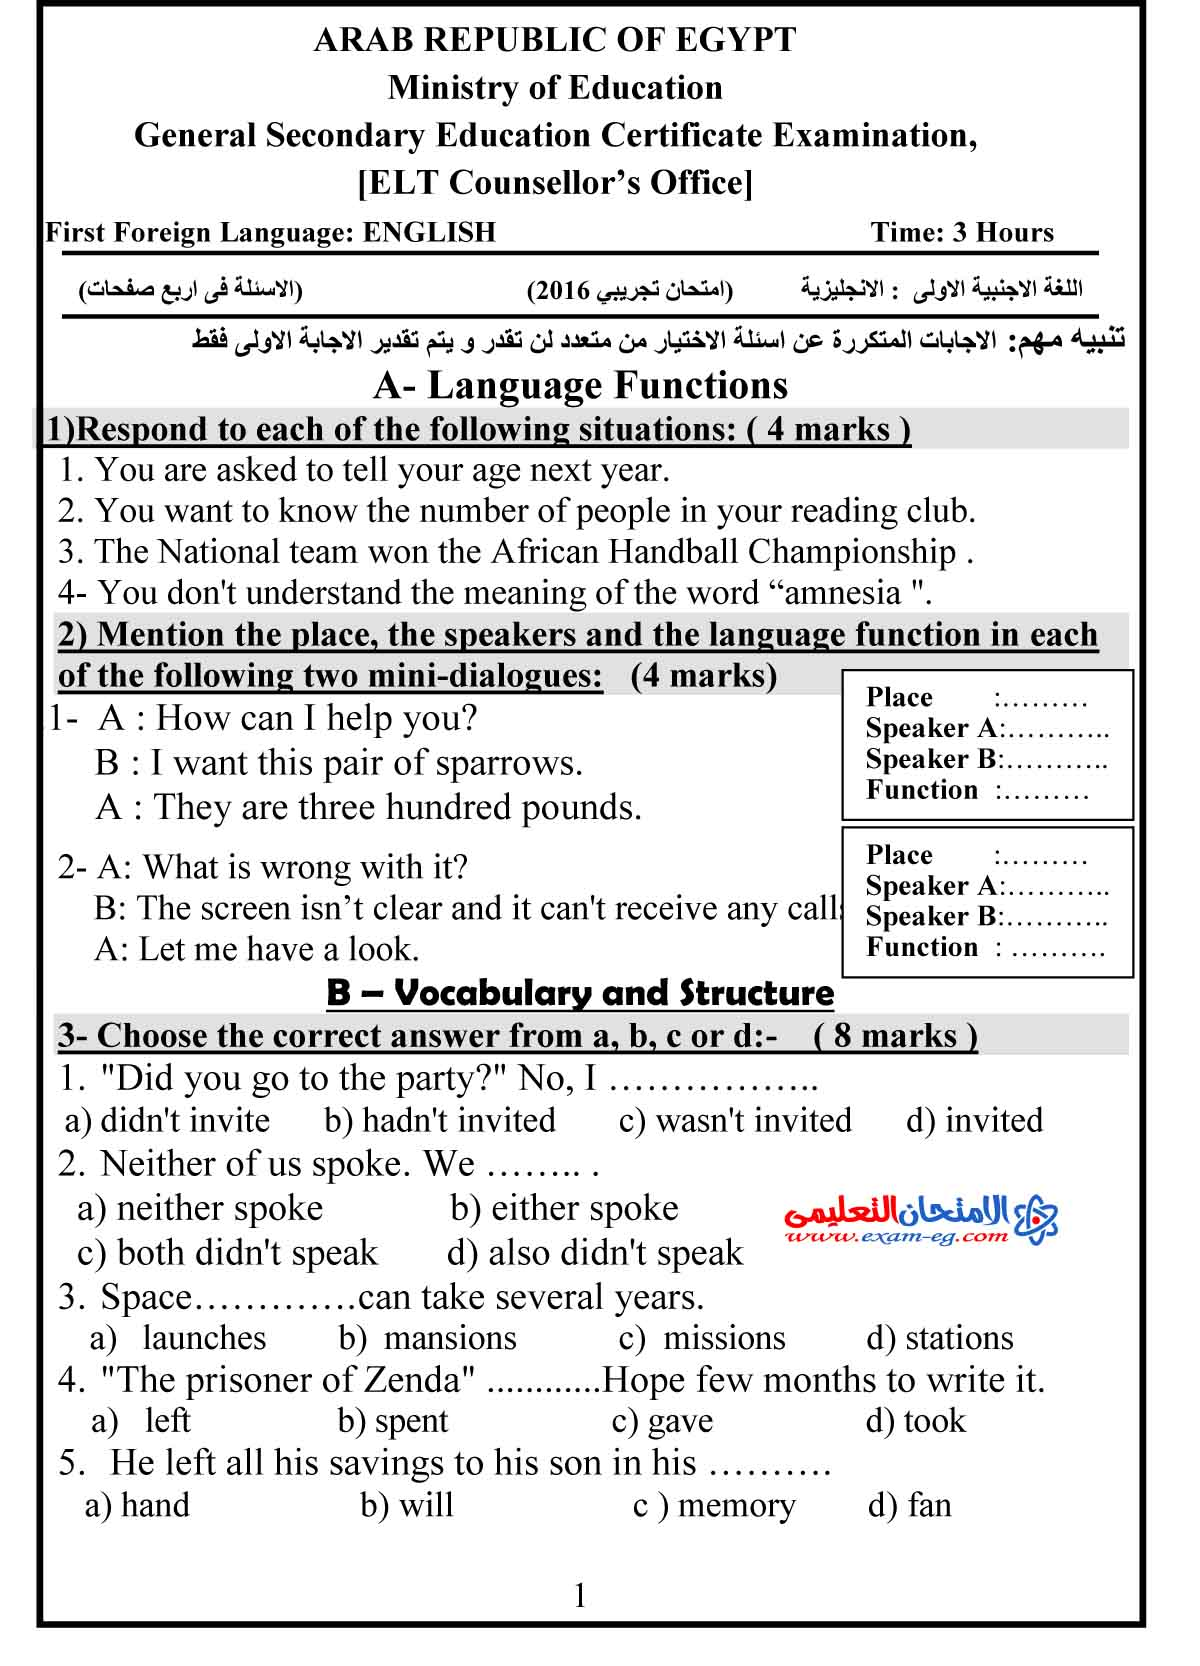 امتحان لغة انجليزية 1 - الامتحان التعليمى-1